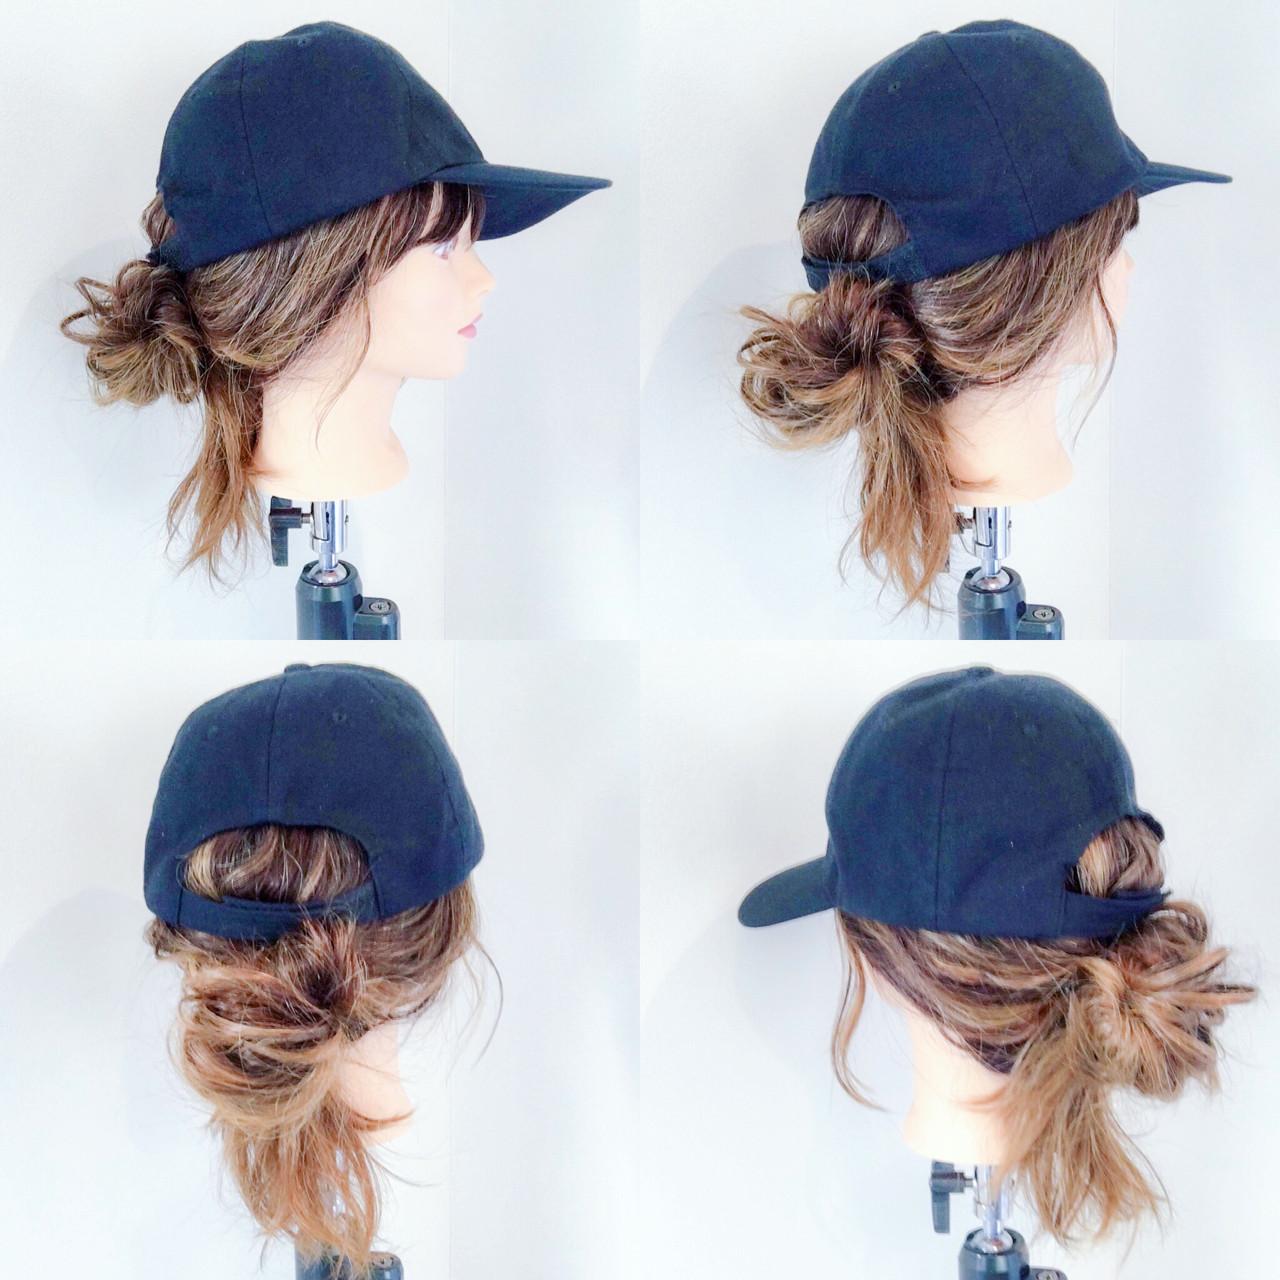 セミロング キャップ ポニーテール アウトドア ヘアスタイルや髪型の写真・画像